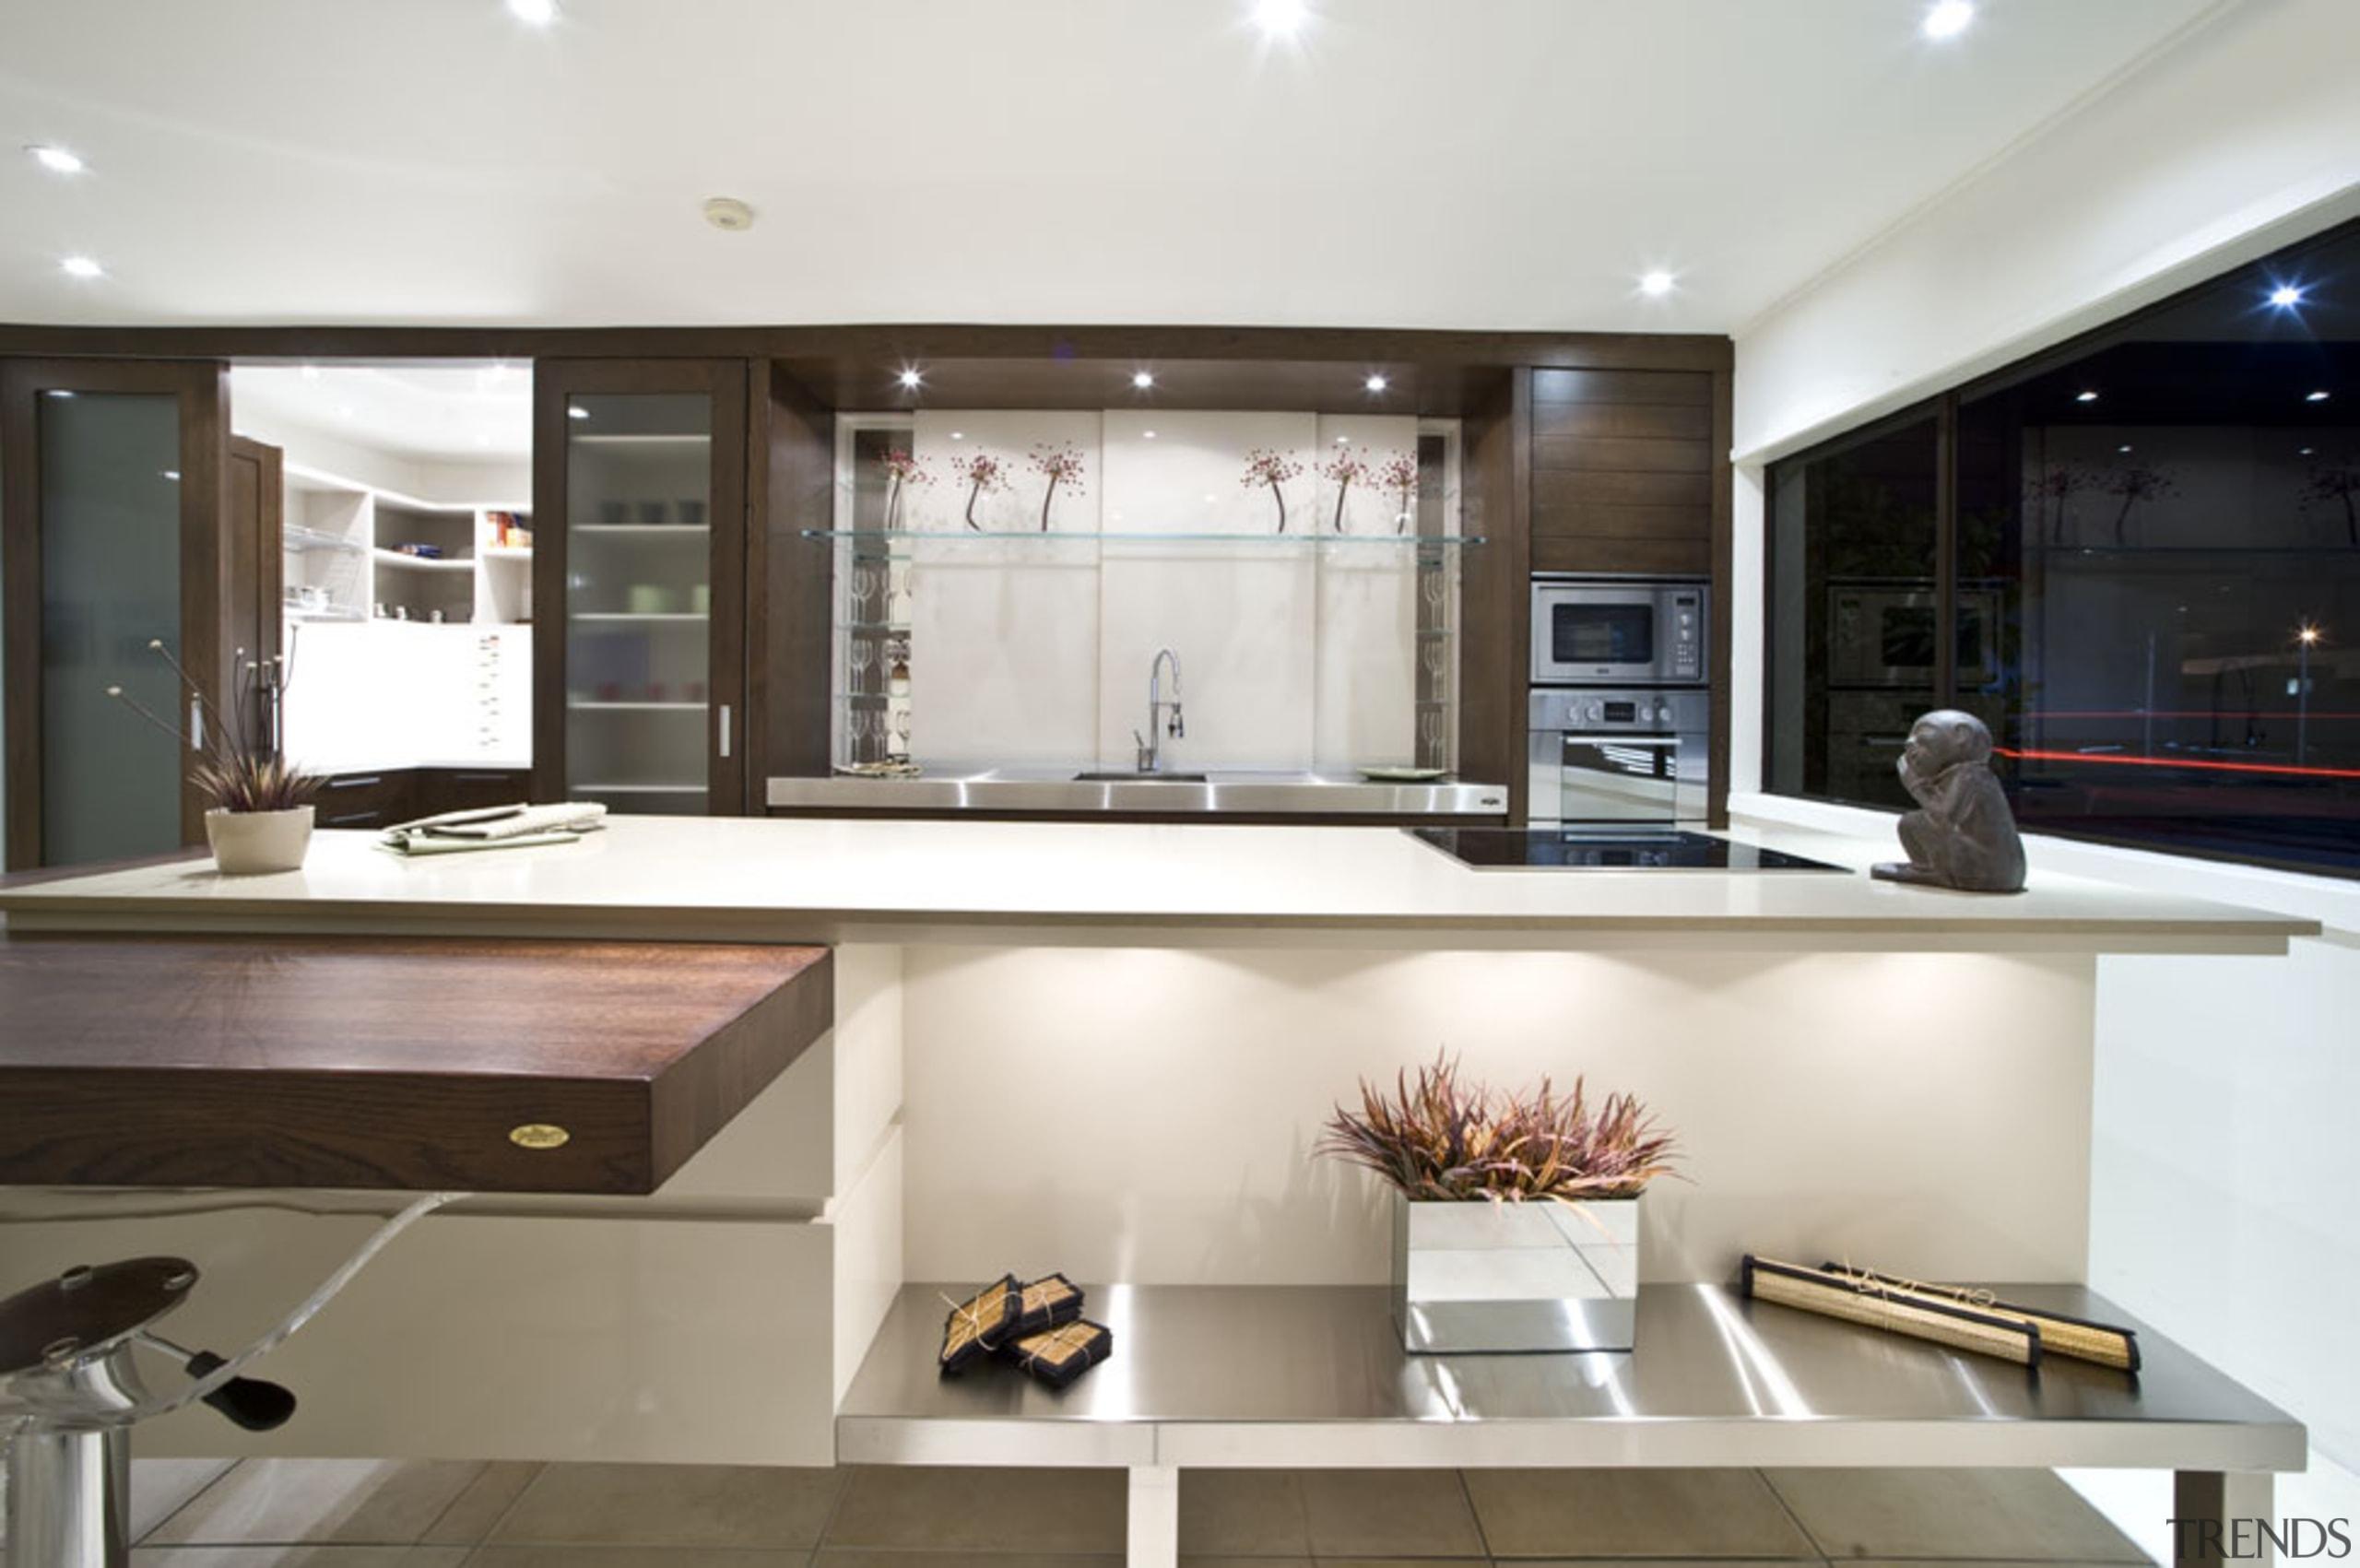 Greenlane - countertop | cuisine classique | interior countertop, cuisine classique, interior design, kitchen, white